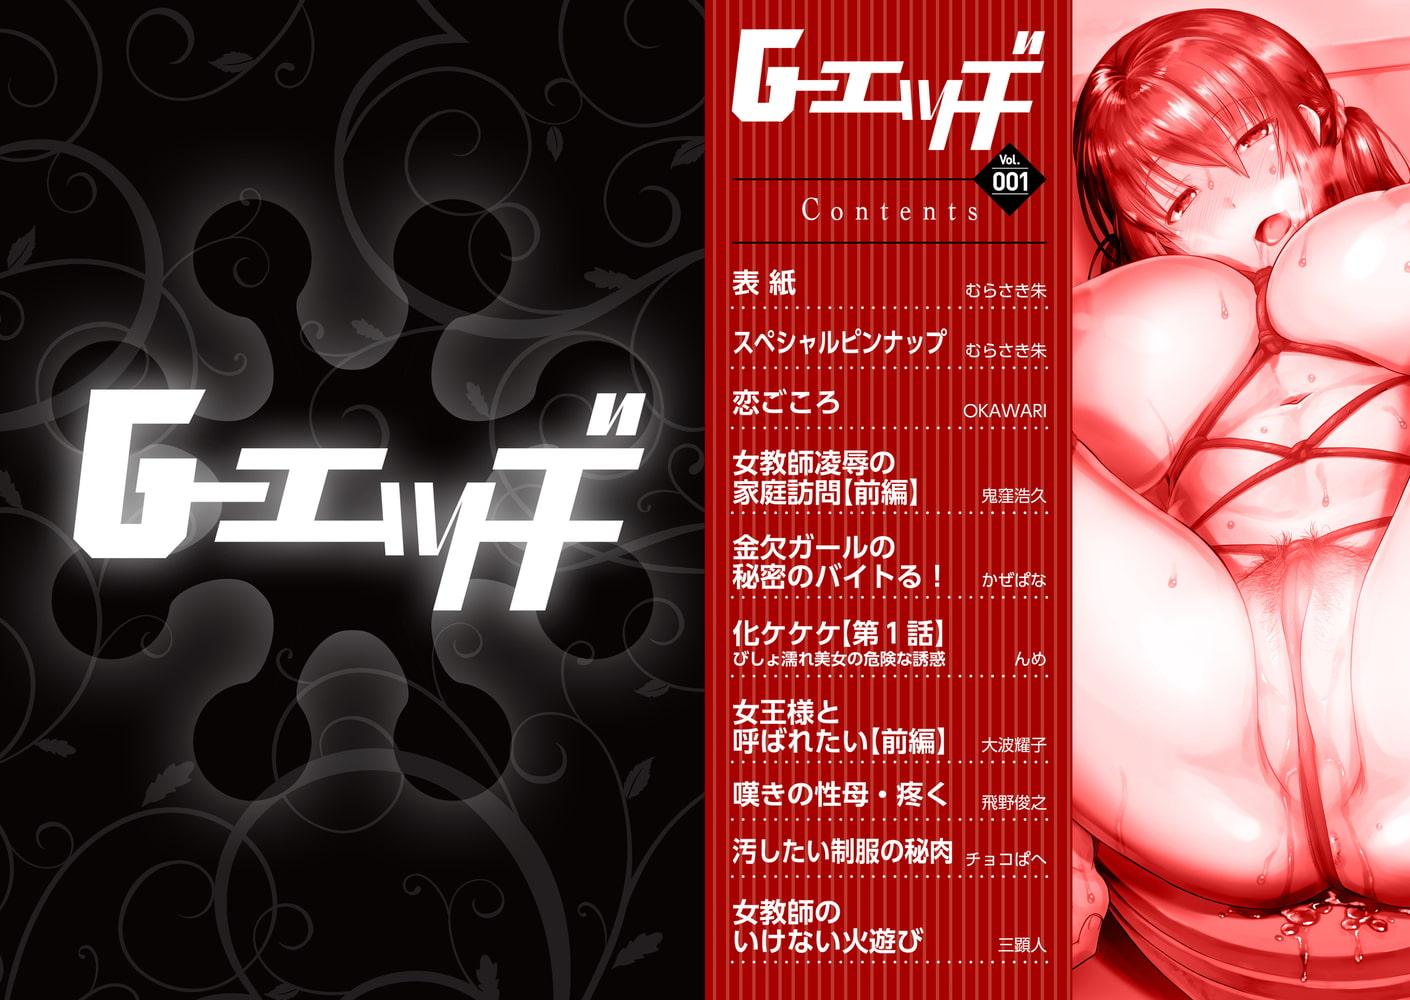 G-エッヂ  Vol.001